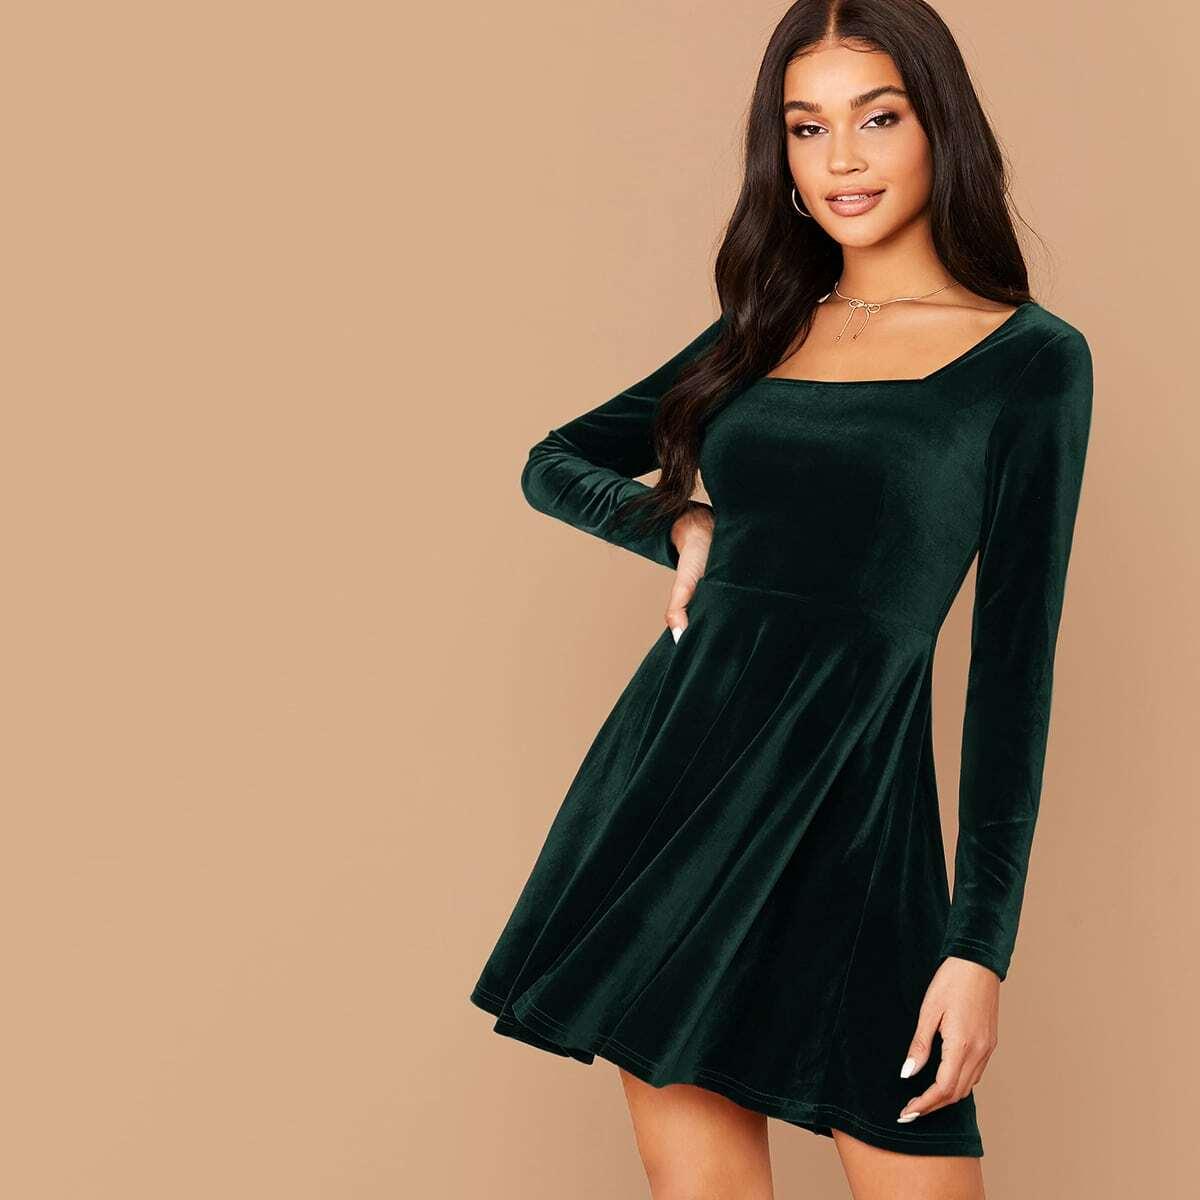 Однотонное бархатое платье с квадратным вырезом